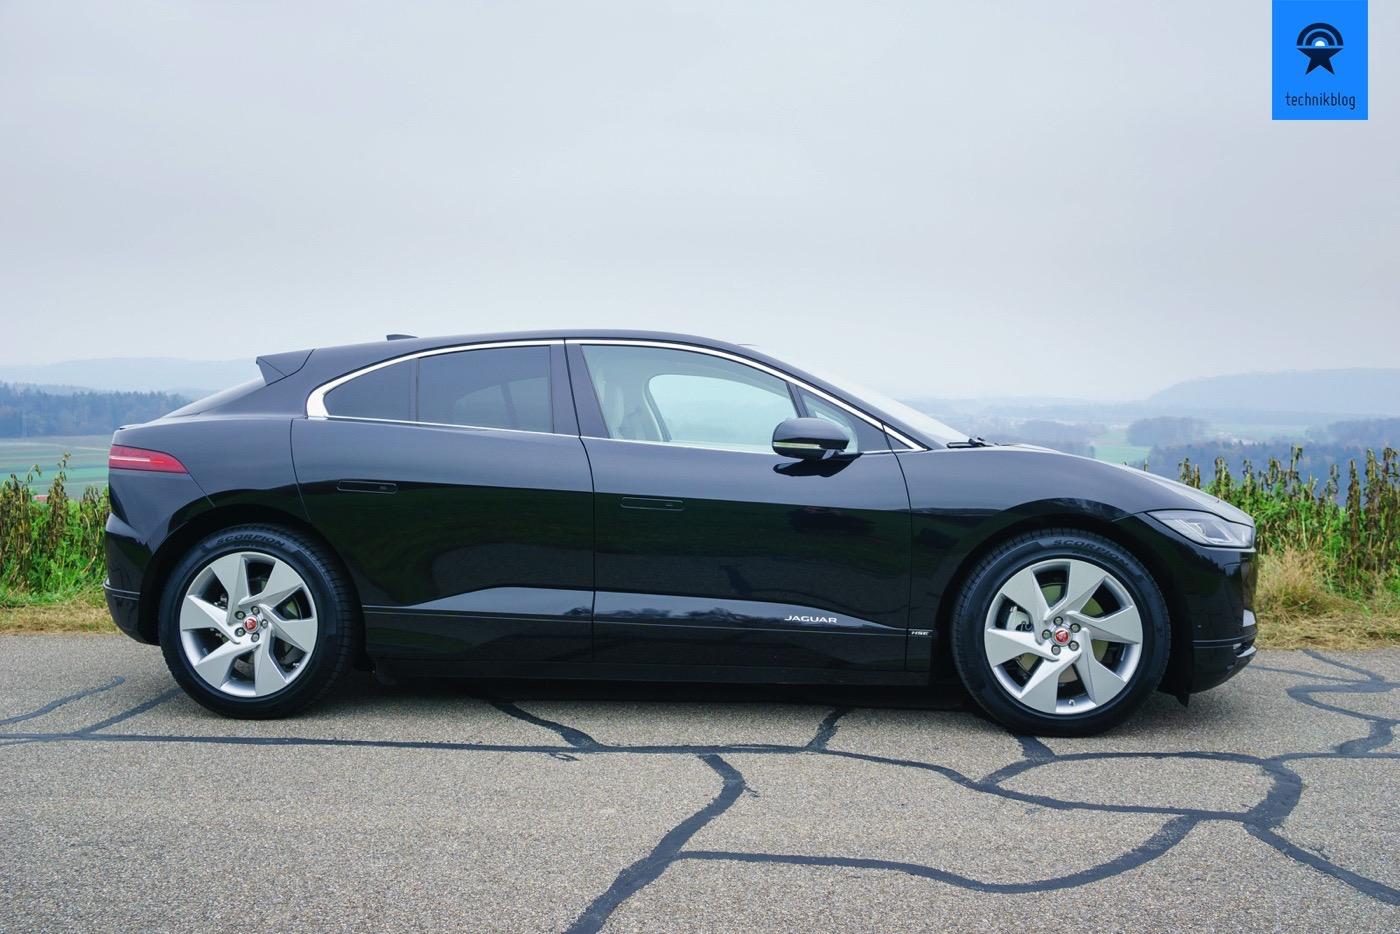 Jaguar I-Pace Seiteansicht